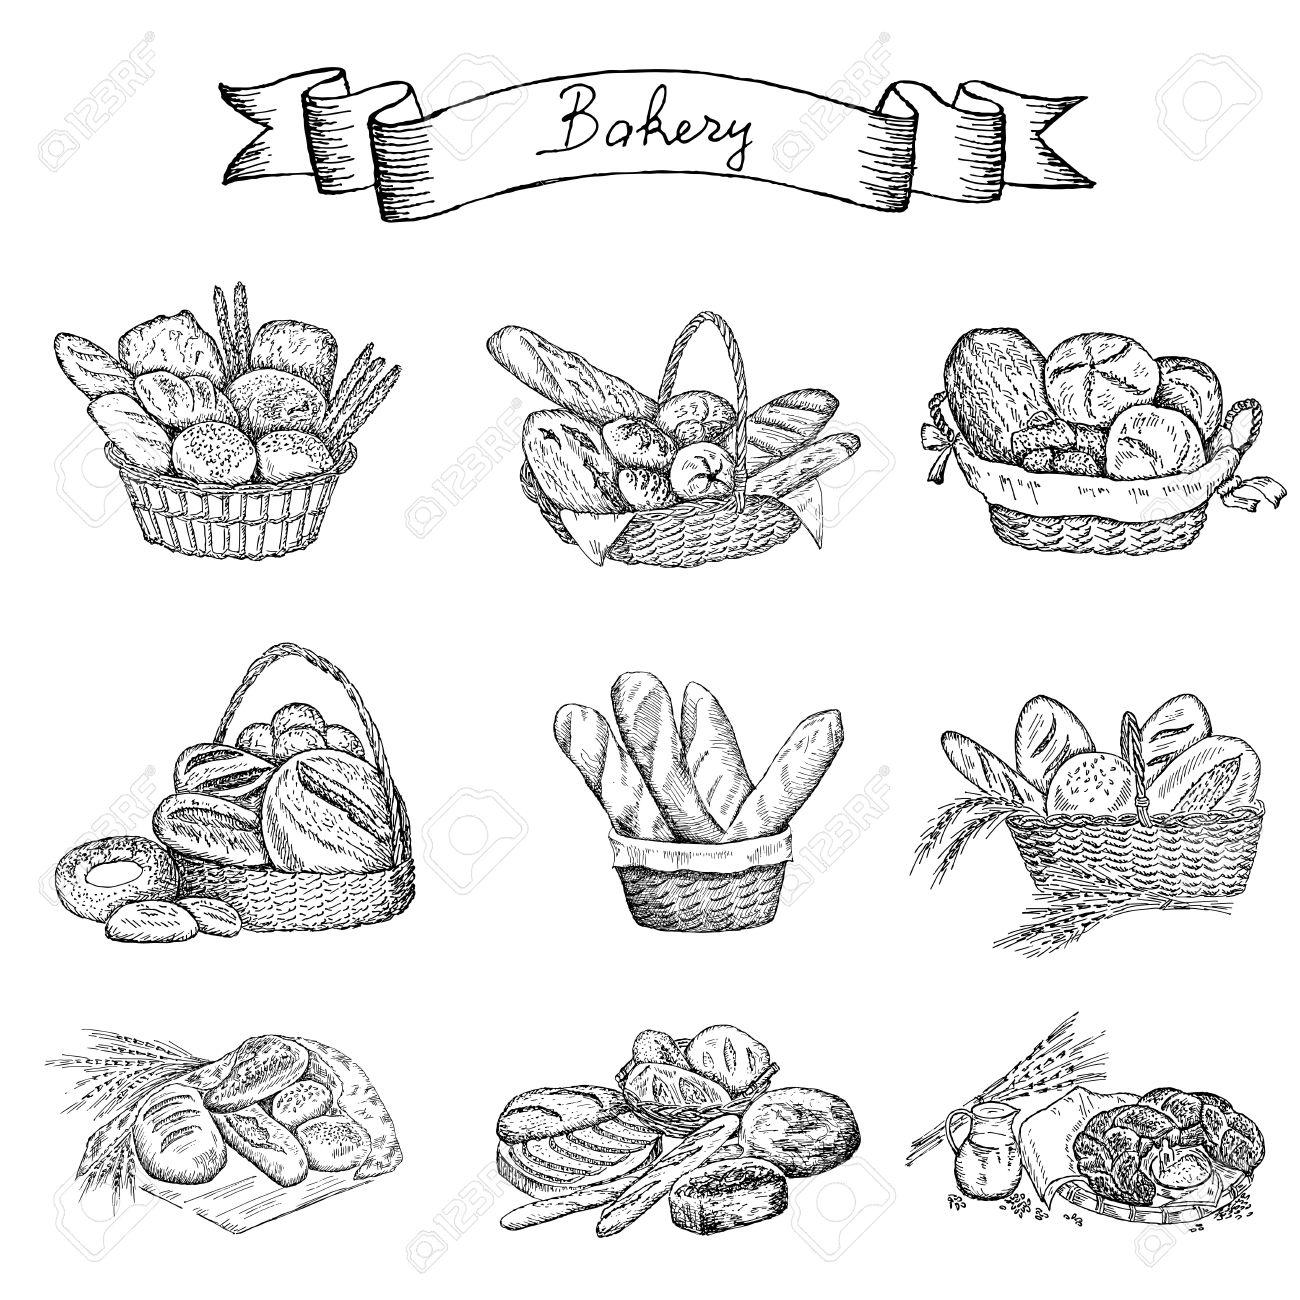 Dessin Boulangerie boulangerie dessin à la main ensemble de dessins vectoriels clip art